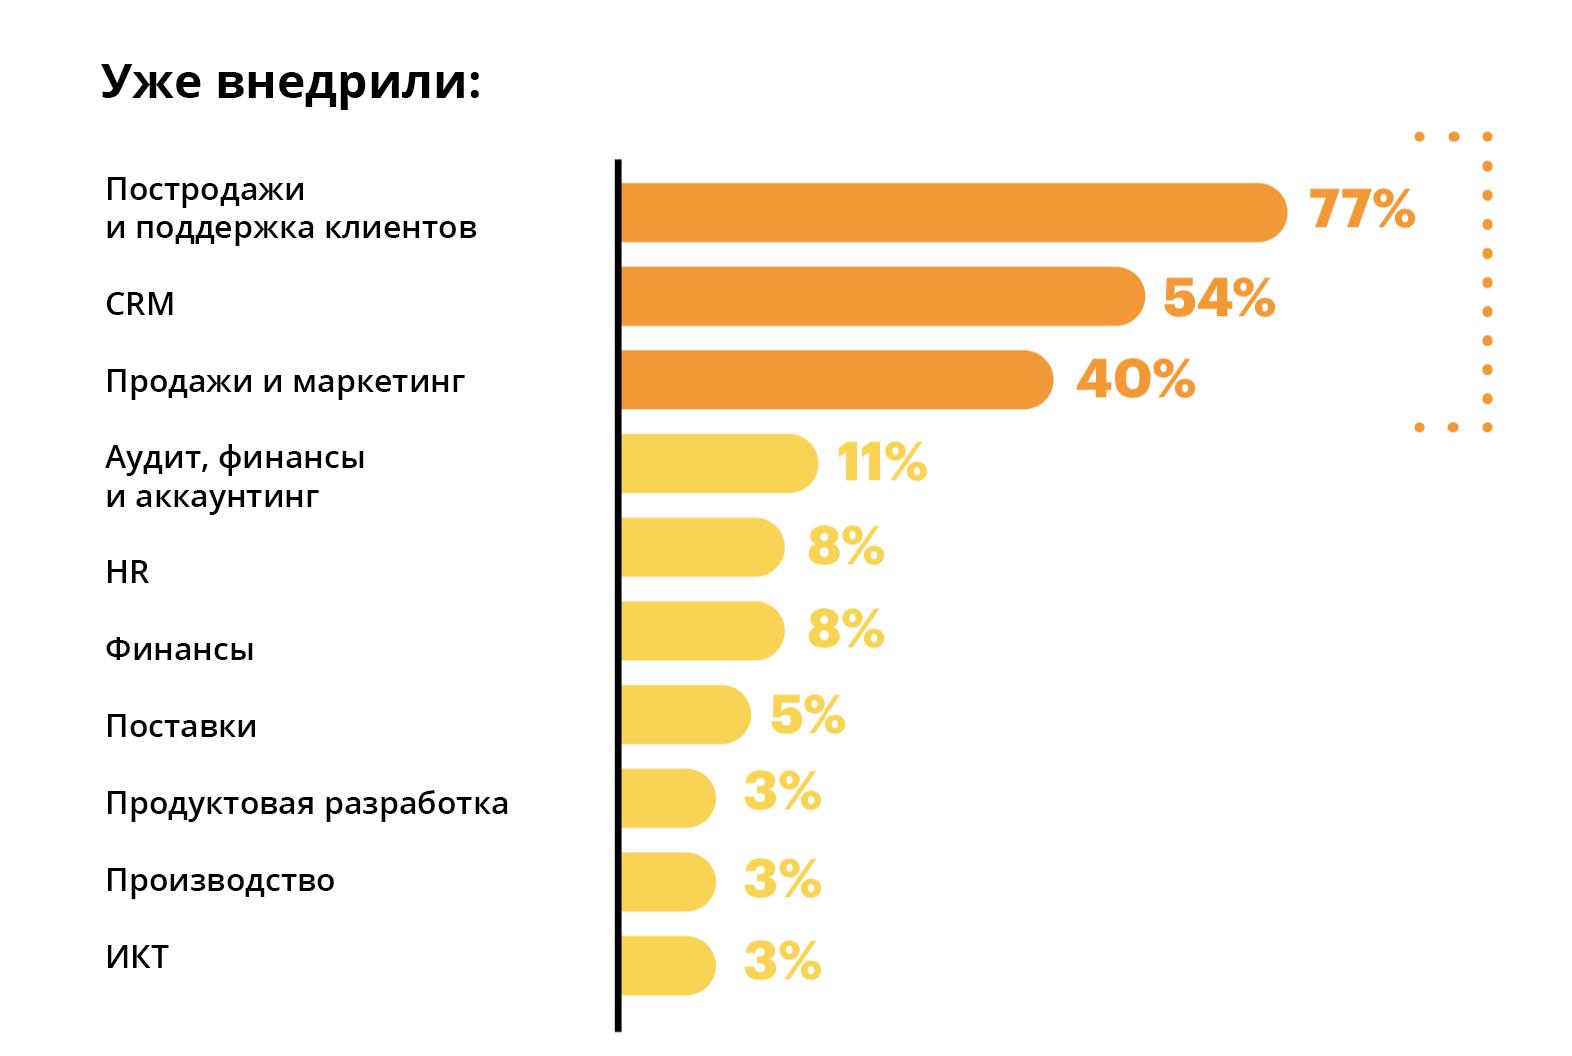 Источник: исследование Accenture Digital